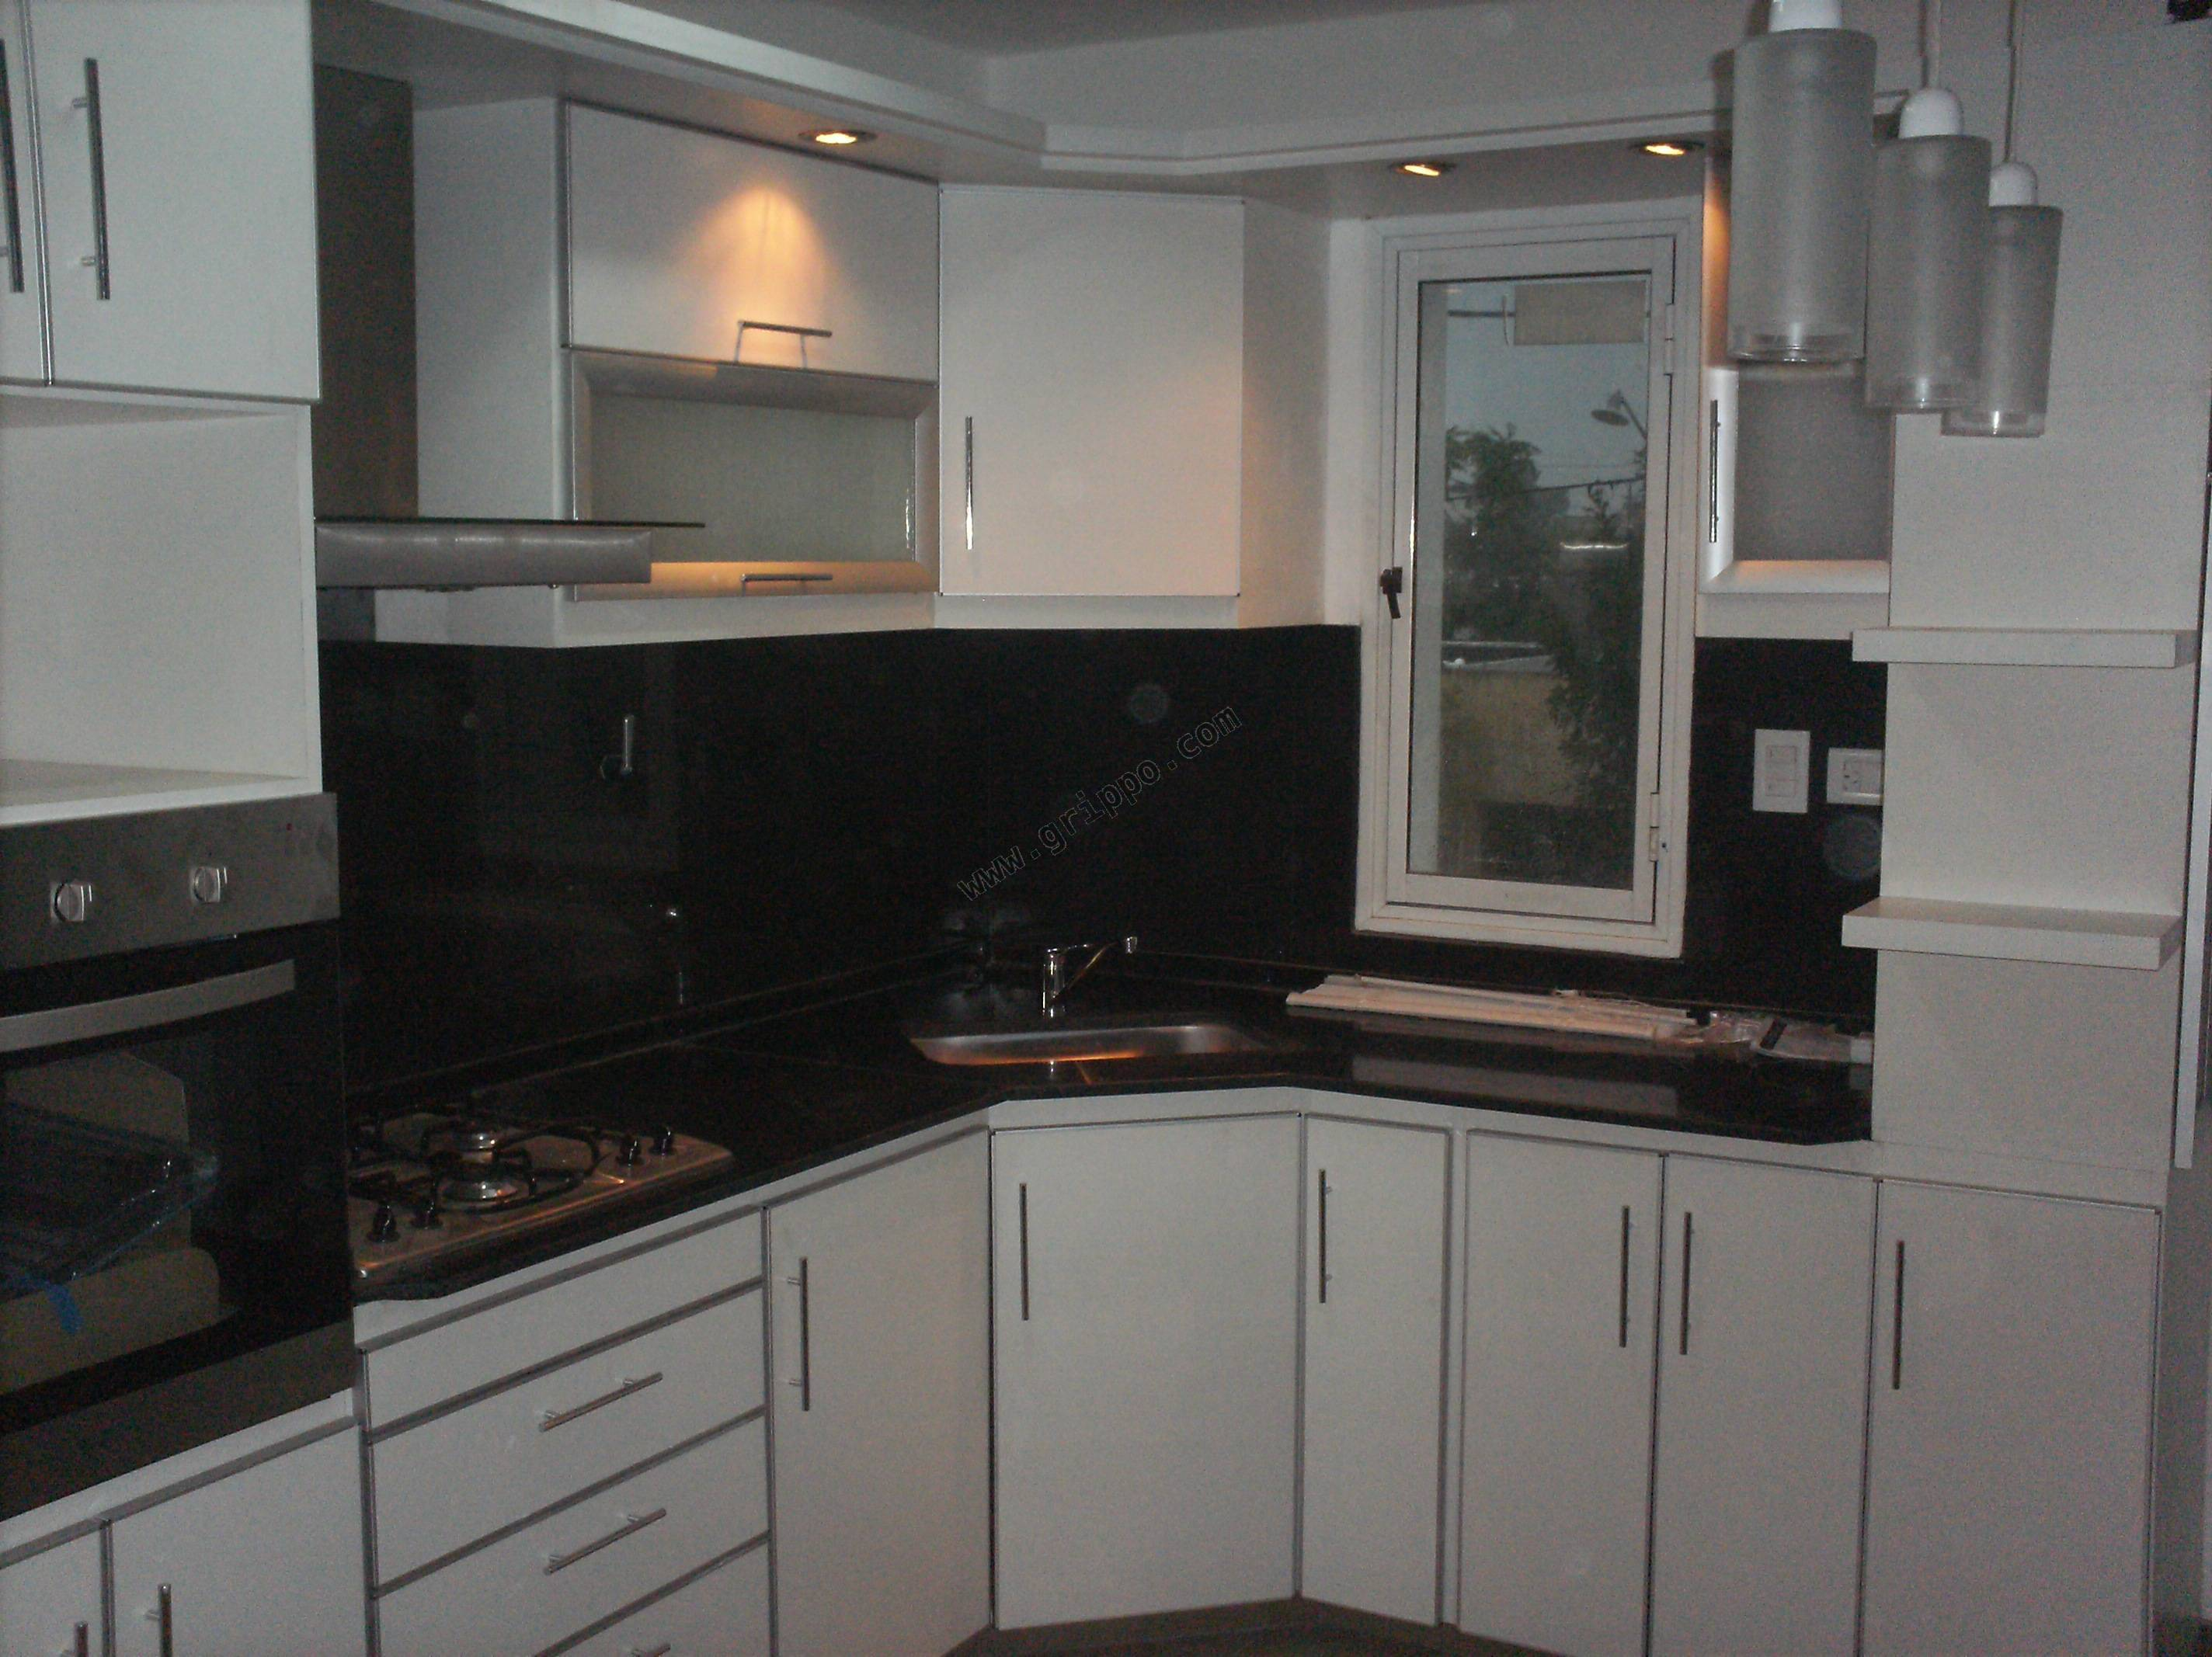 Amoblamientos de cocina muebles de cocina vestidores for Amoblamientos de cocina precios